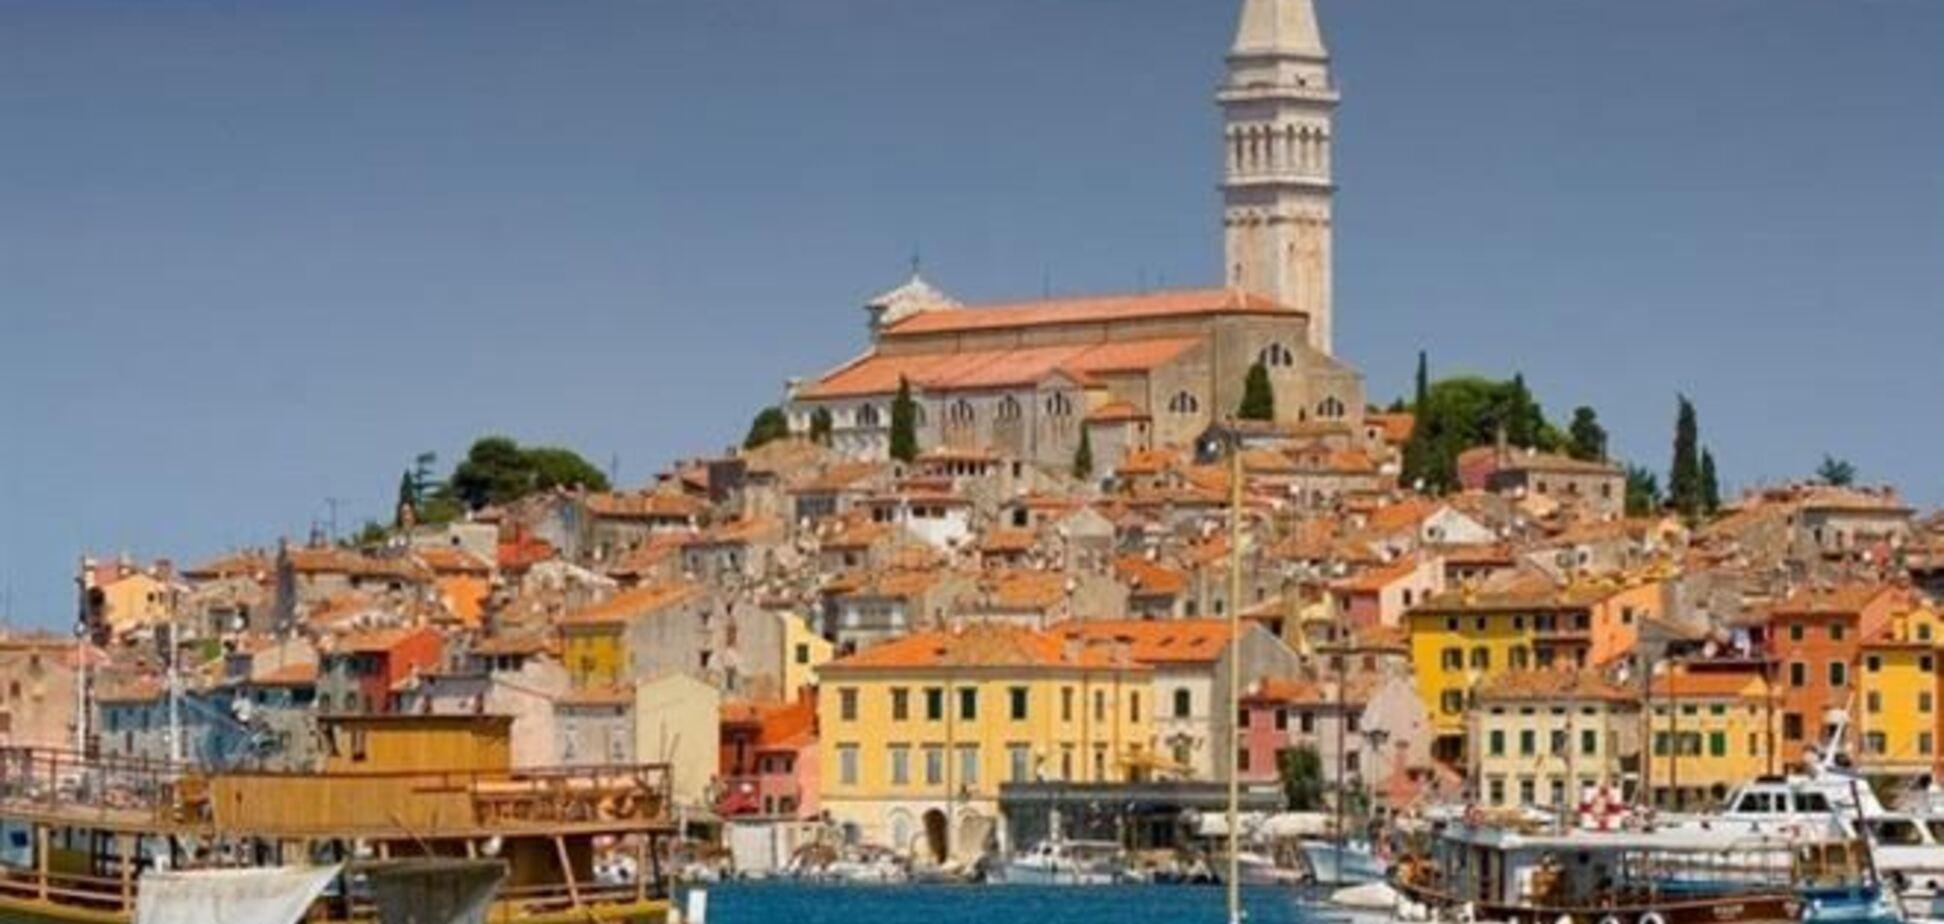 Цены на недвижимость в Хорватии в сентябре перестали падать